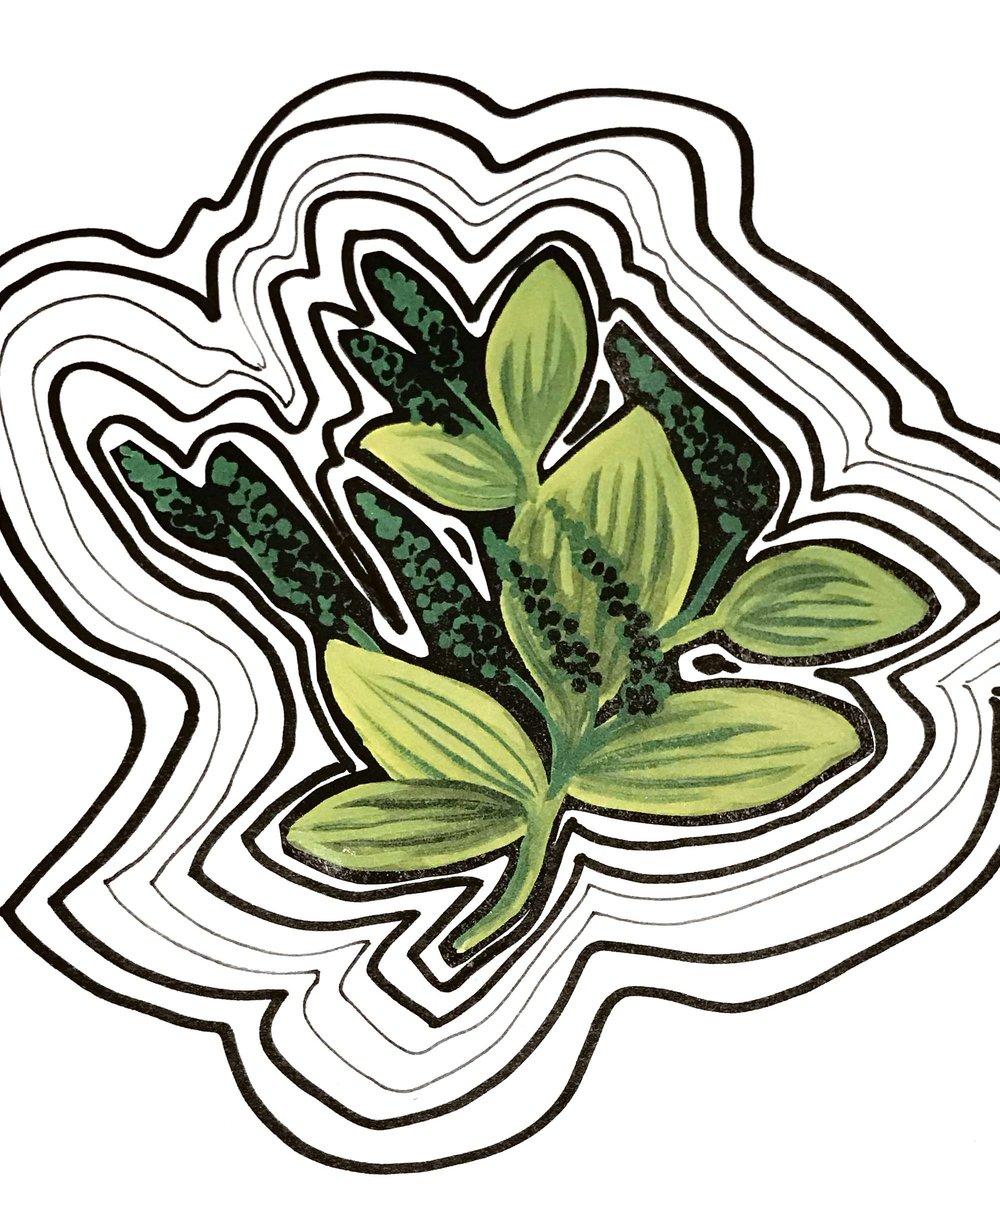 Leaf Ripple | HeatherRoth.com/experiments